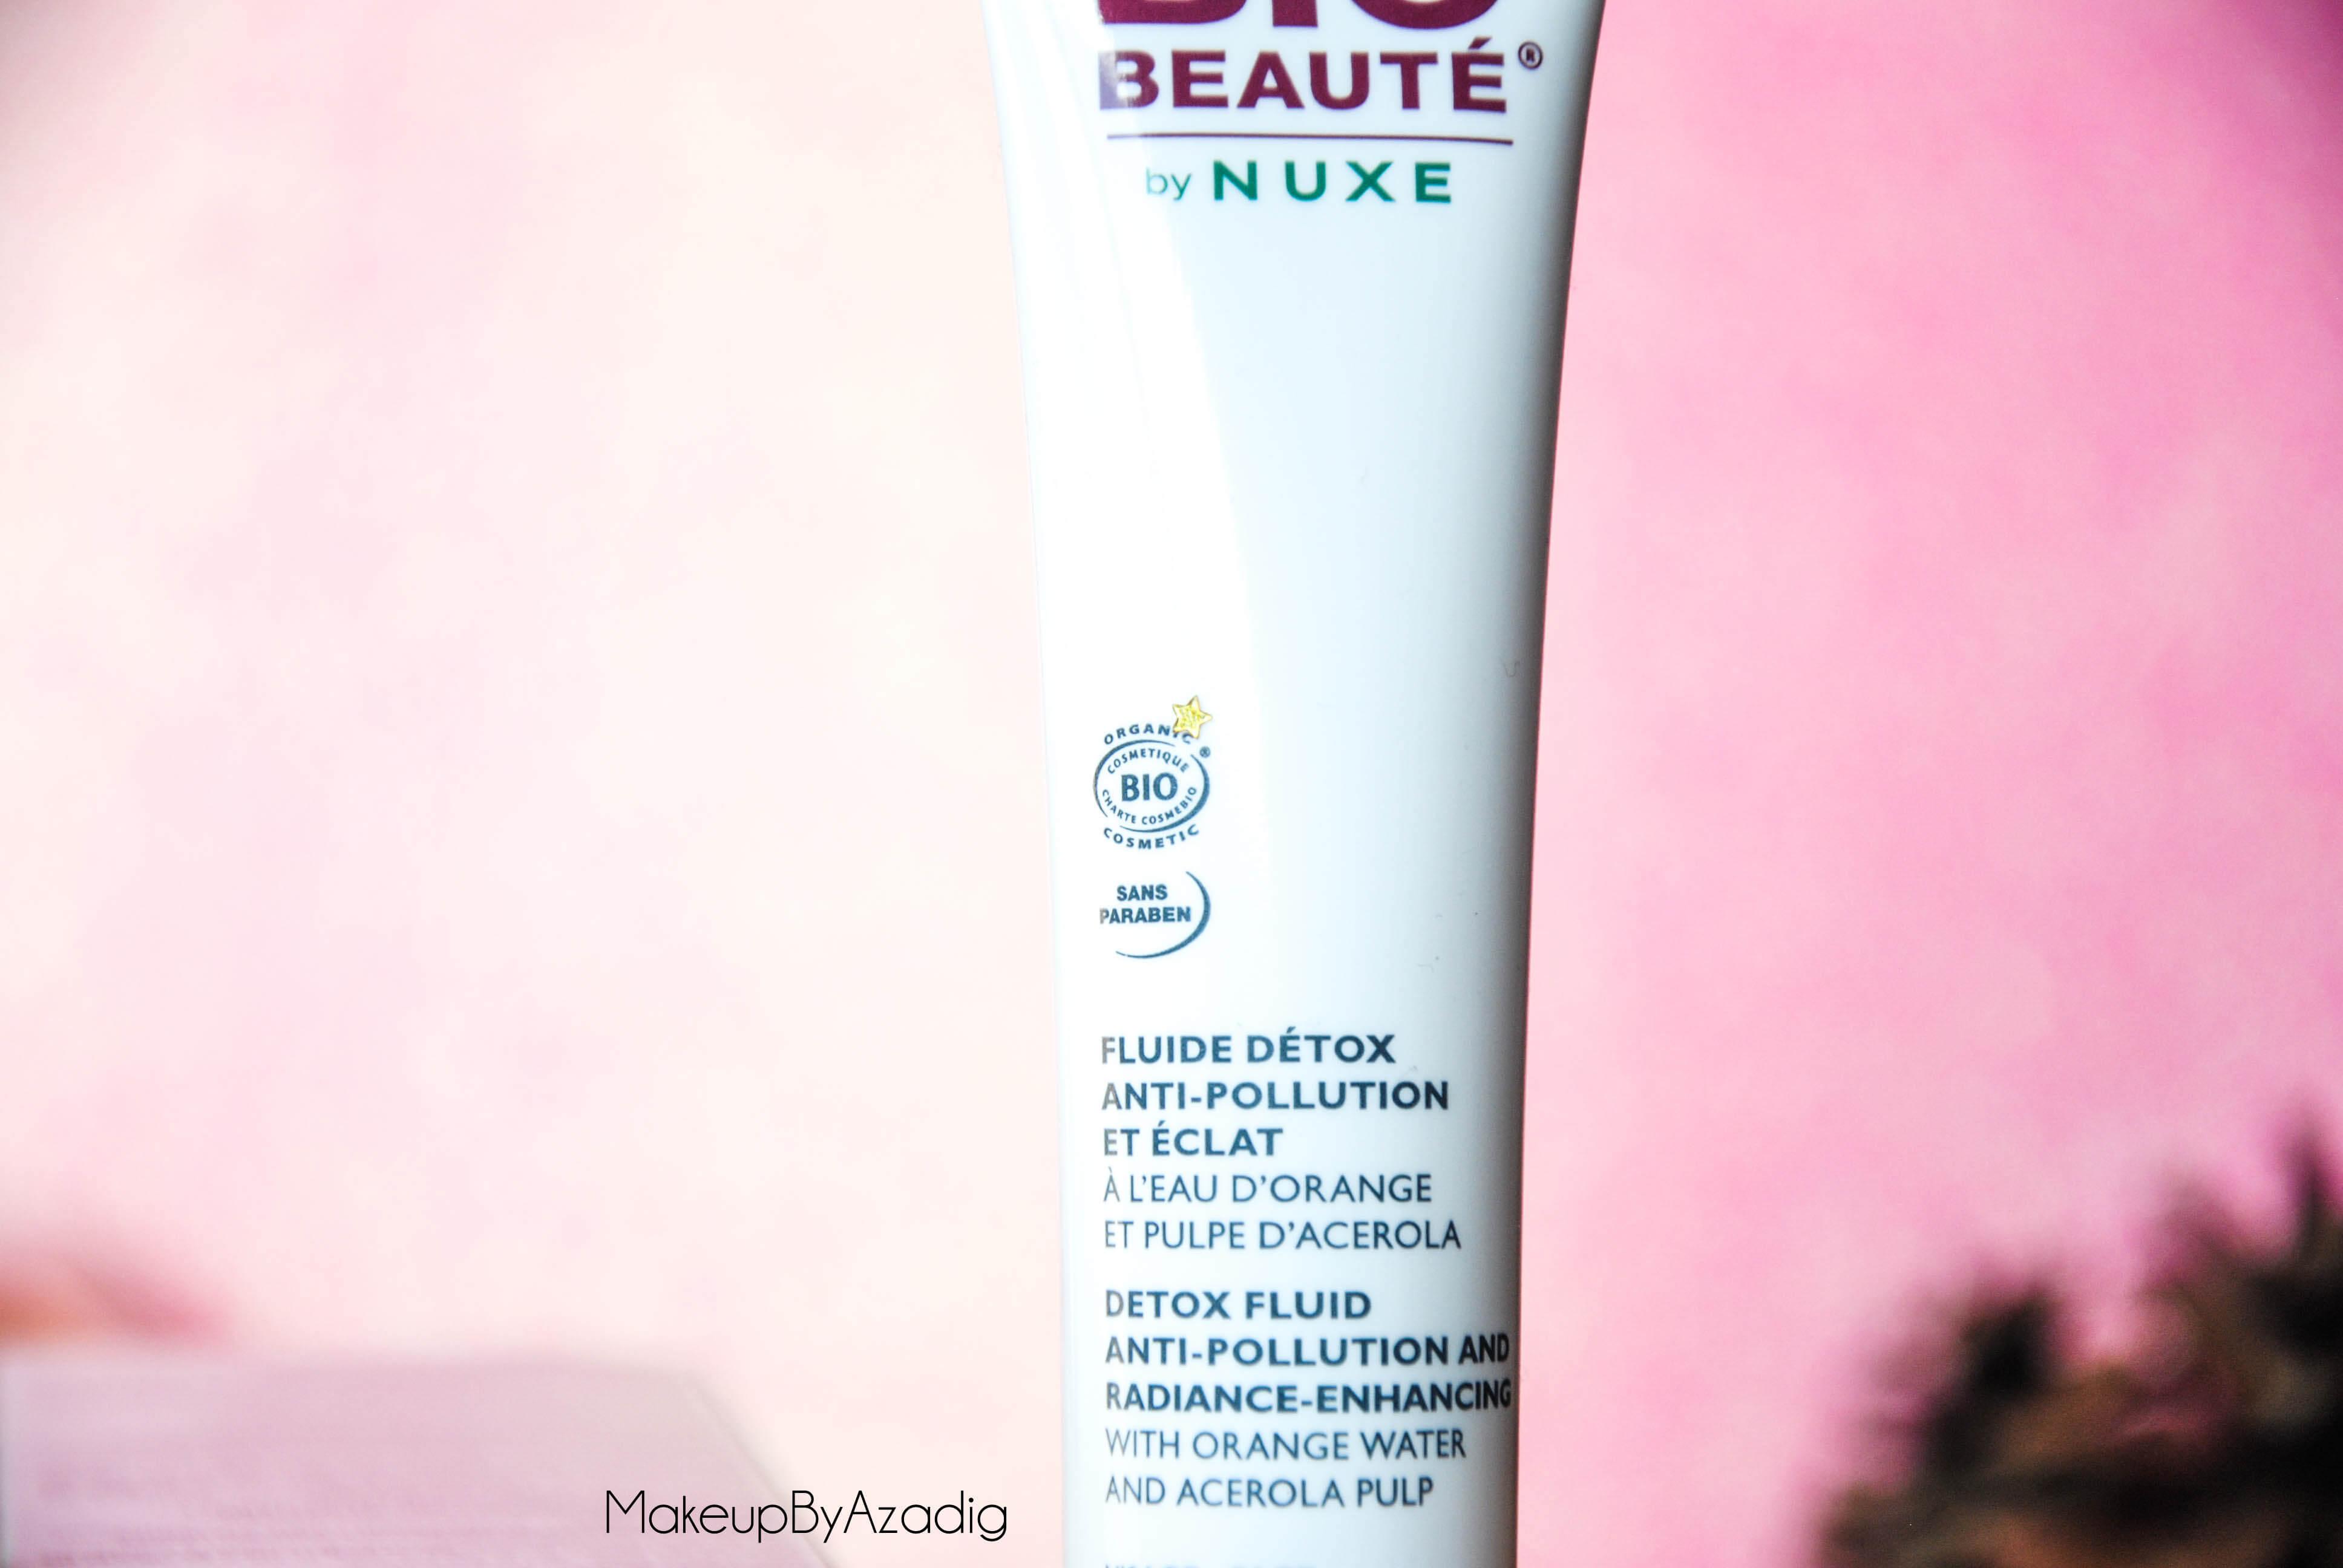 bio-beaute-nuxe-lotion-fluide-creme-contour-des-yeux-masque-orange-acerola-doctipharma-routine-du-matin-detox-eclat-nouvelle-gamme-soin-troyes-paris-dijon-makeupbyazadig-blog-revue-review-certifie